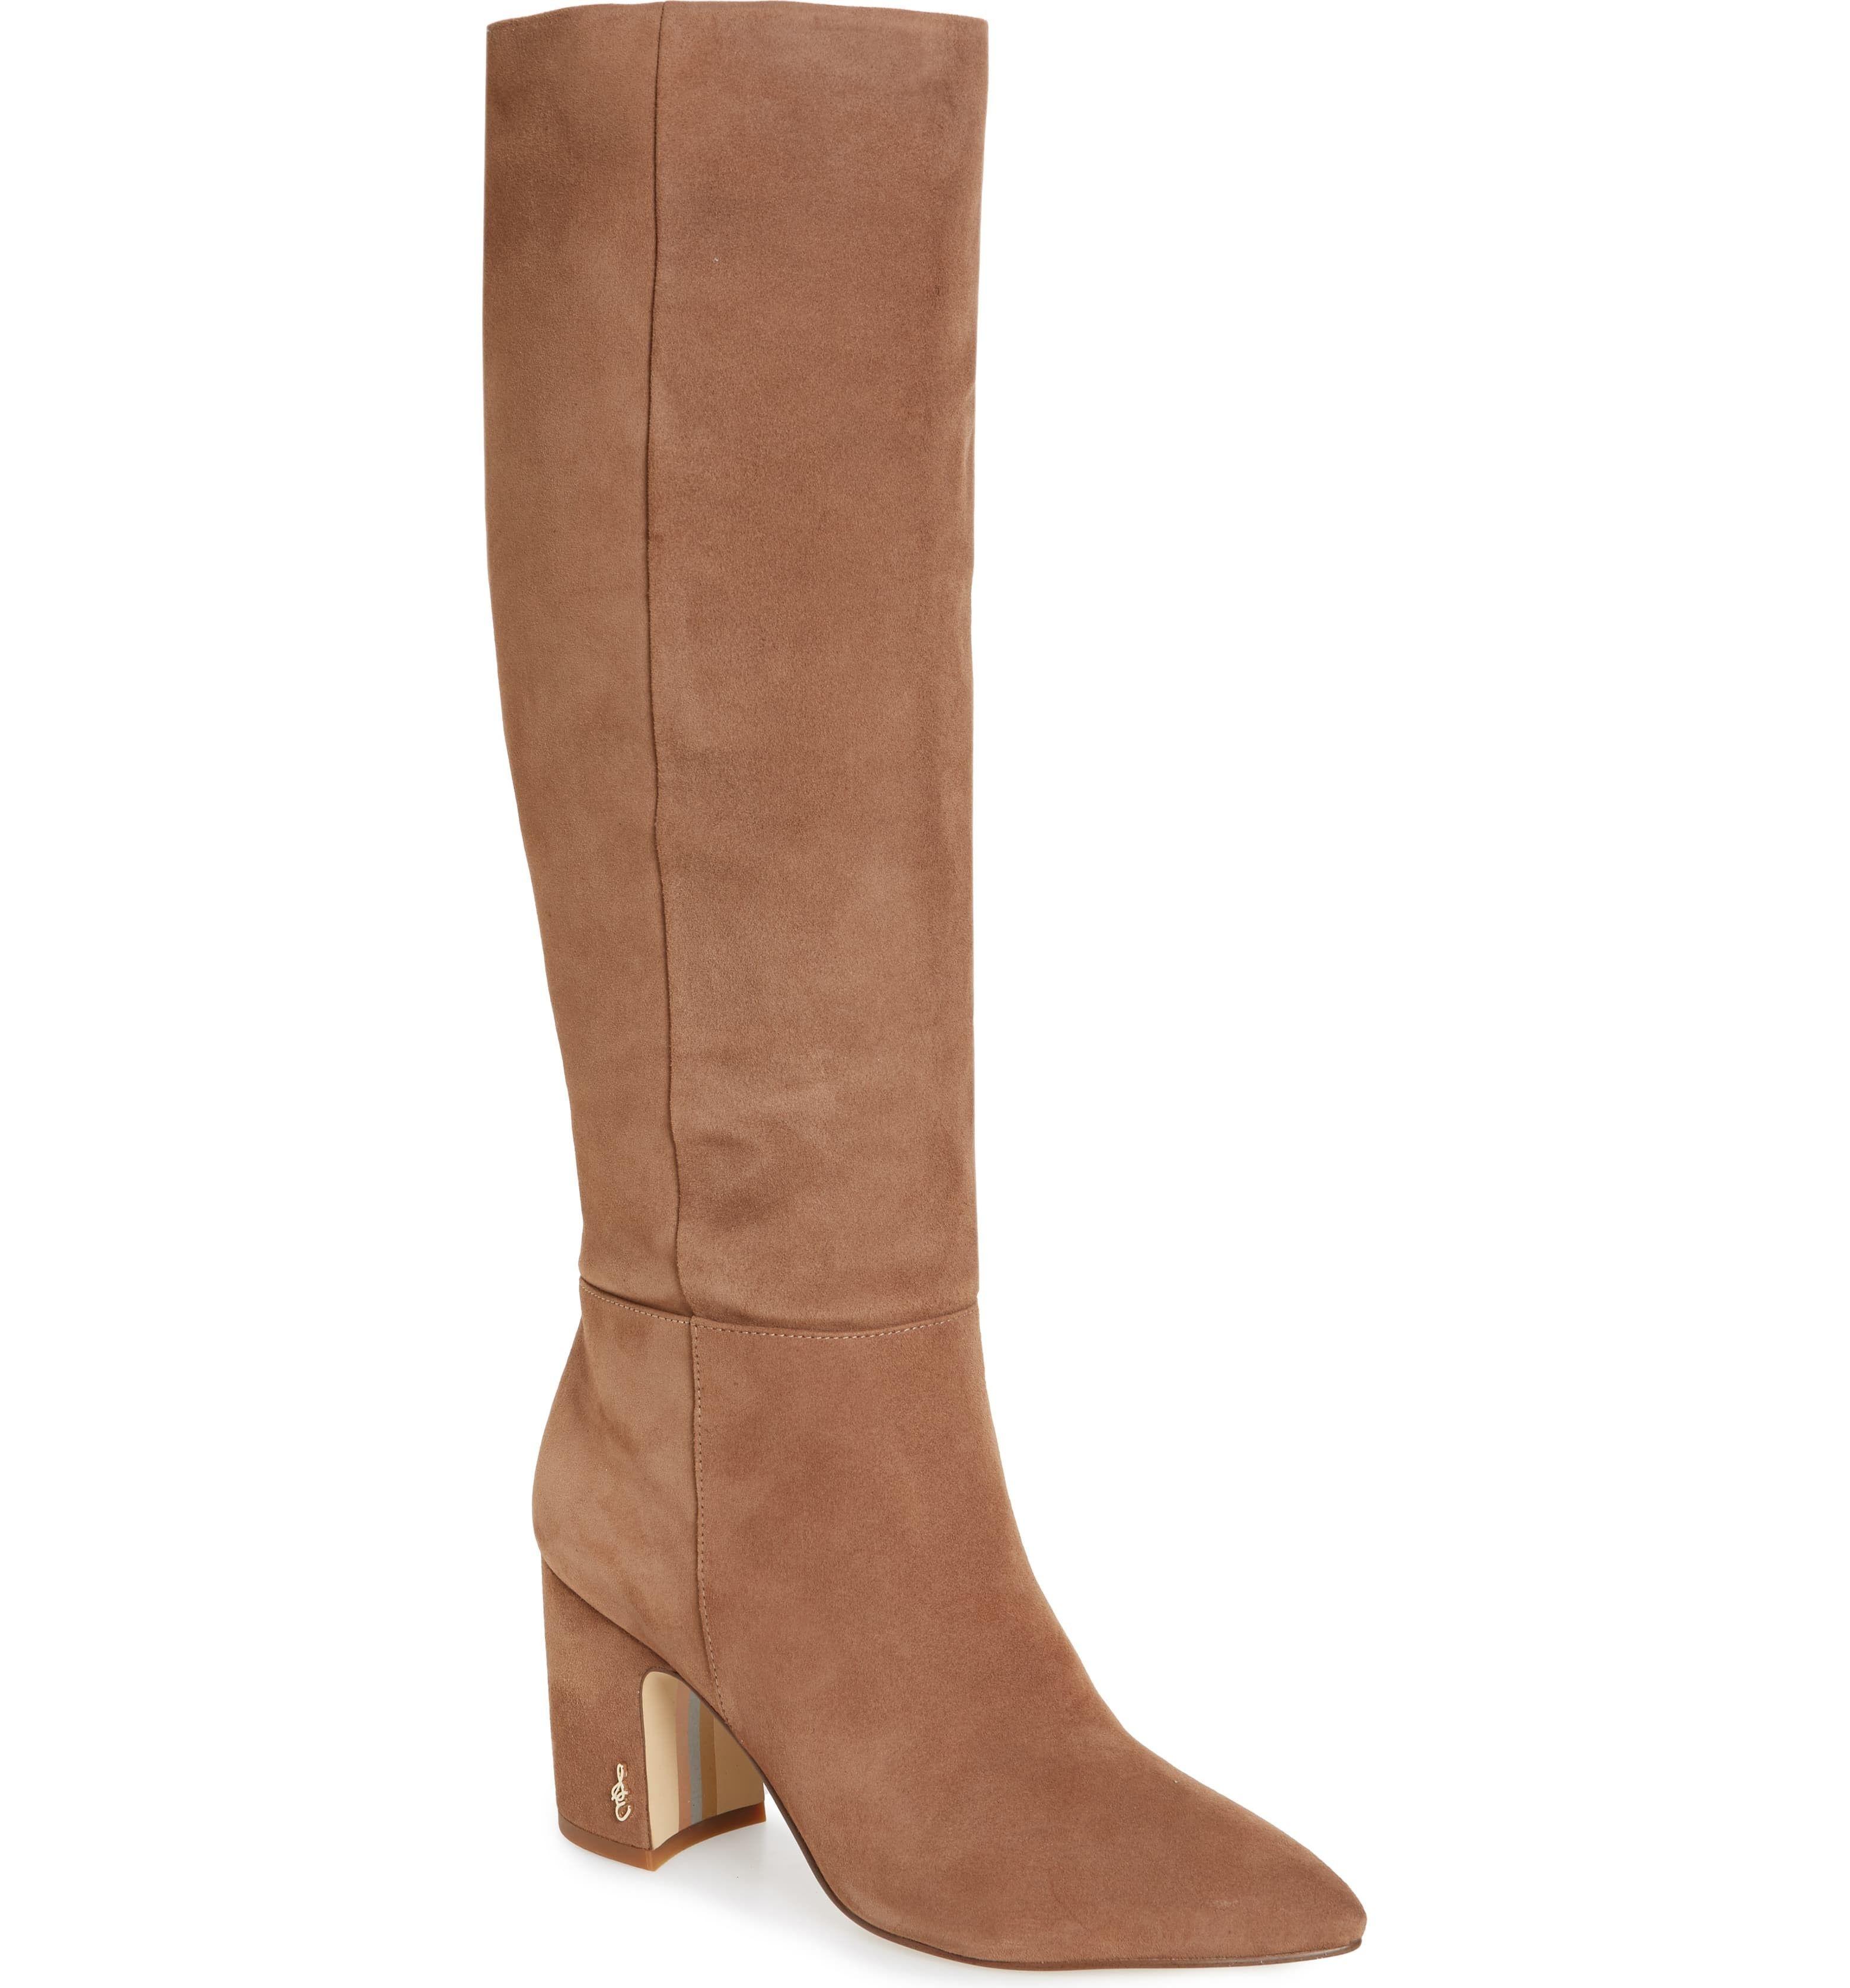 Hiltin Knee High Boot Knee High Boots Boots High Boots